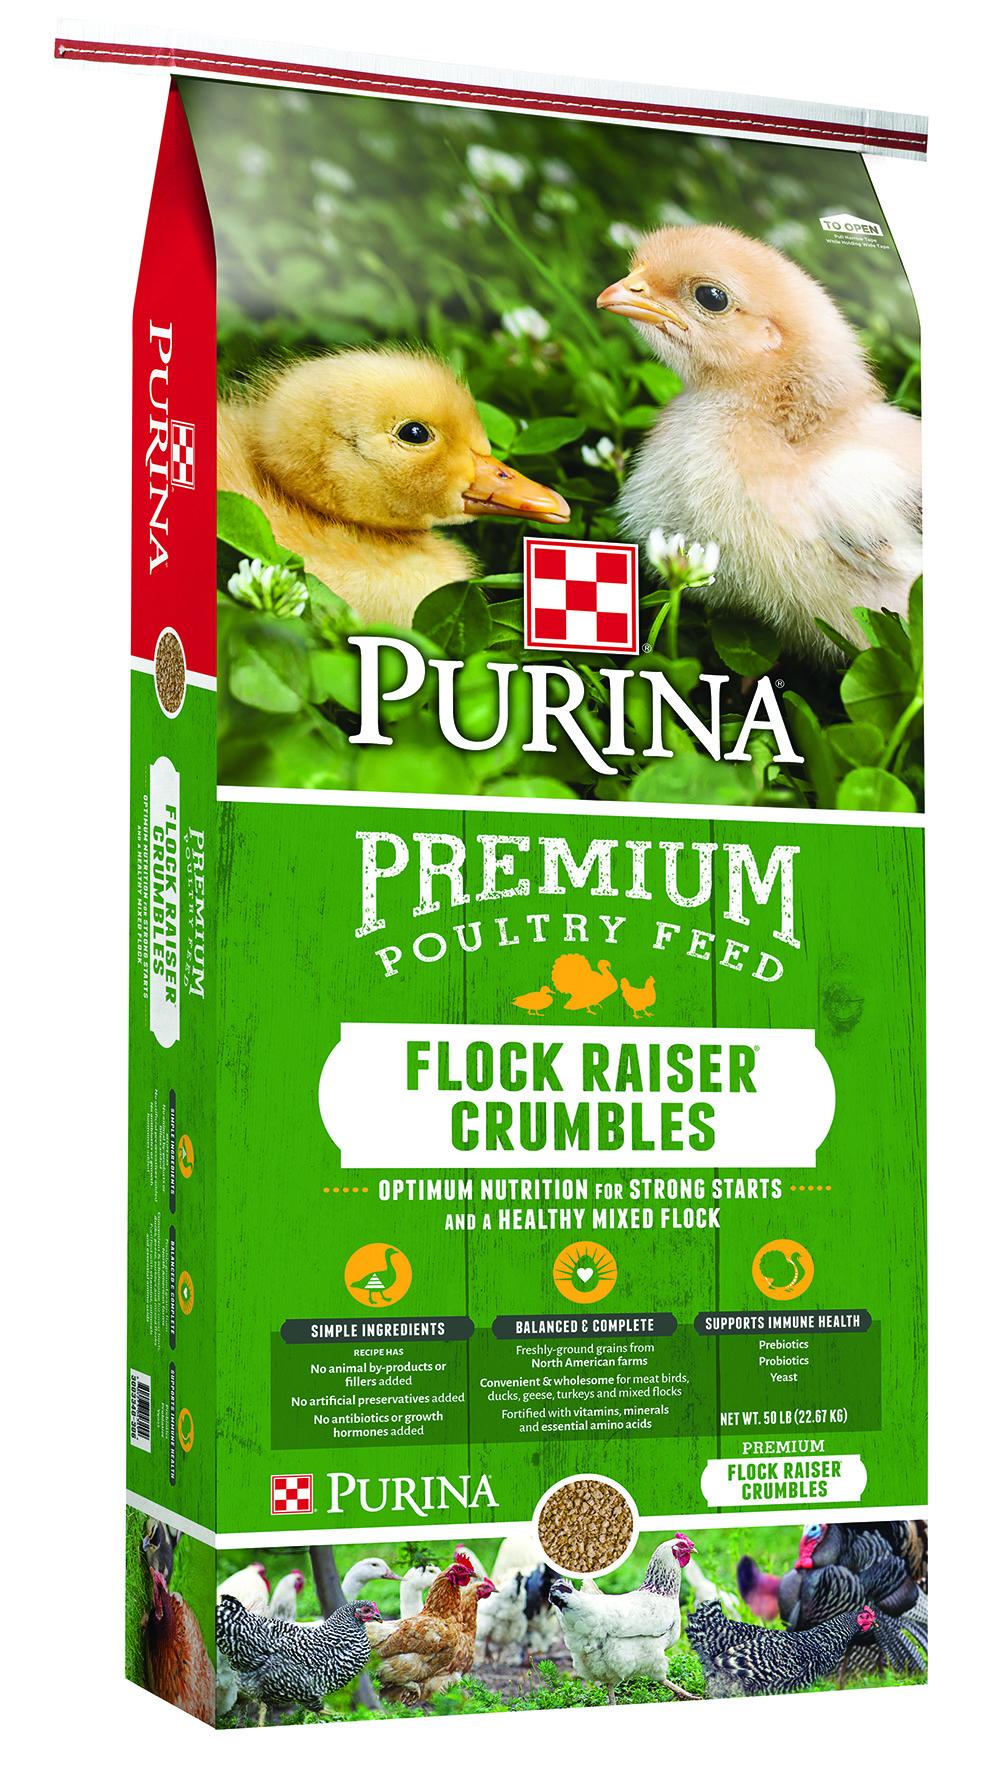 Purina Flock Raiser Crumbles 50 Lb